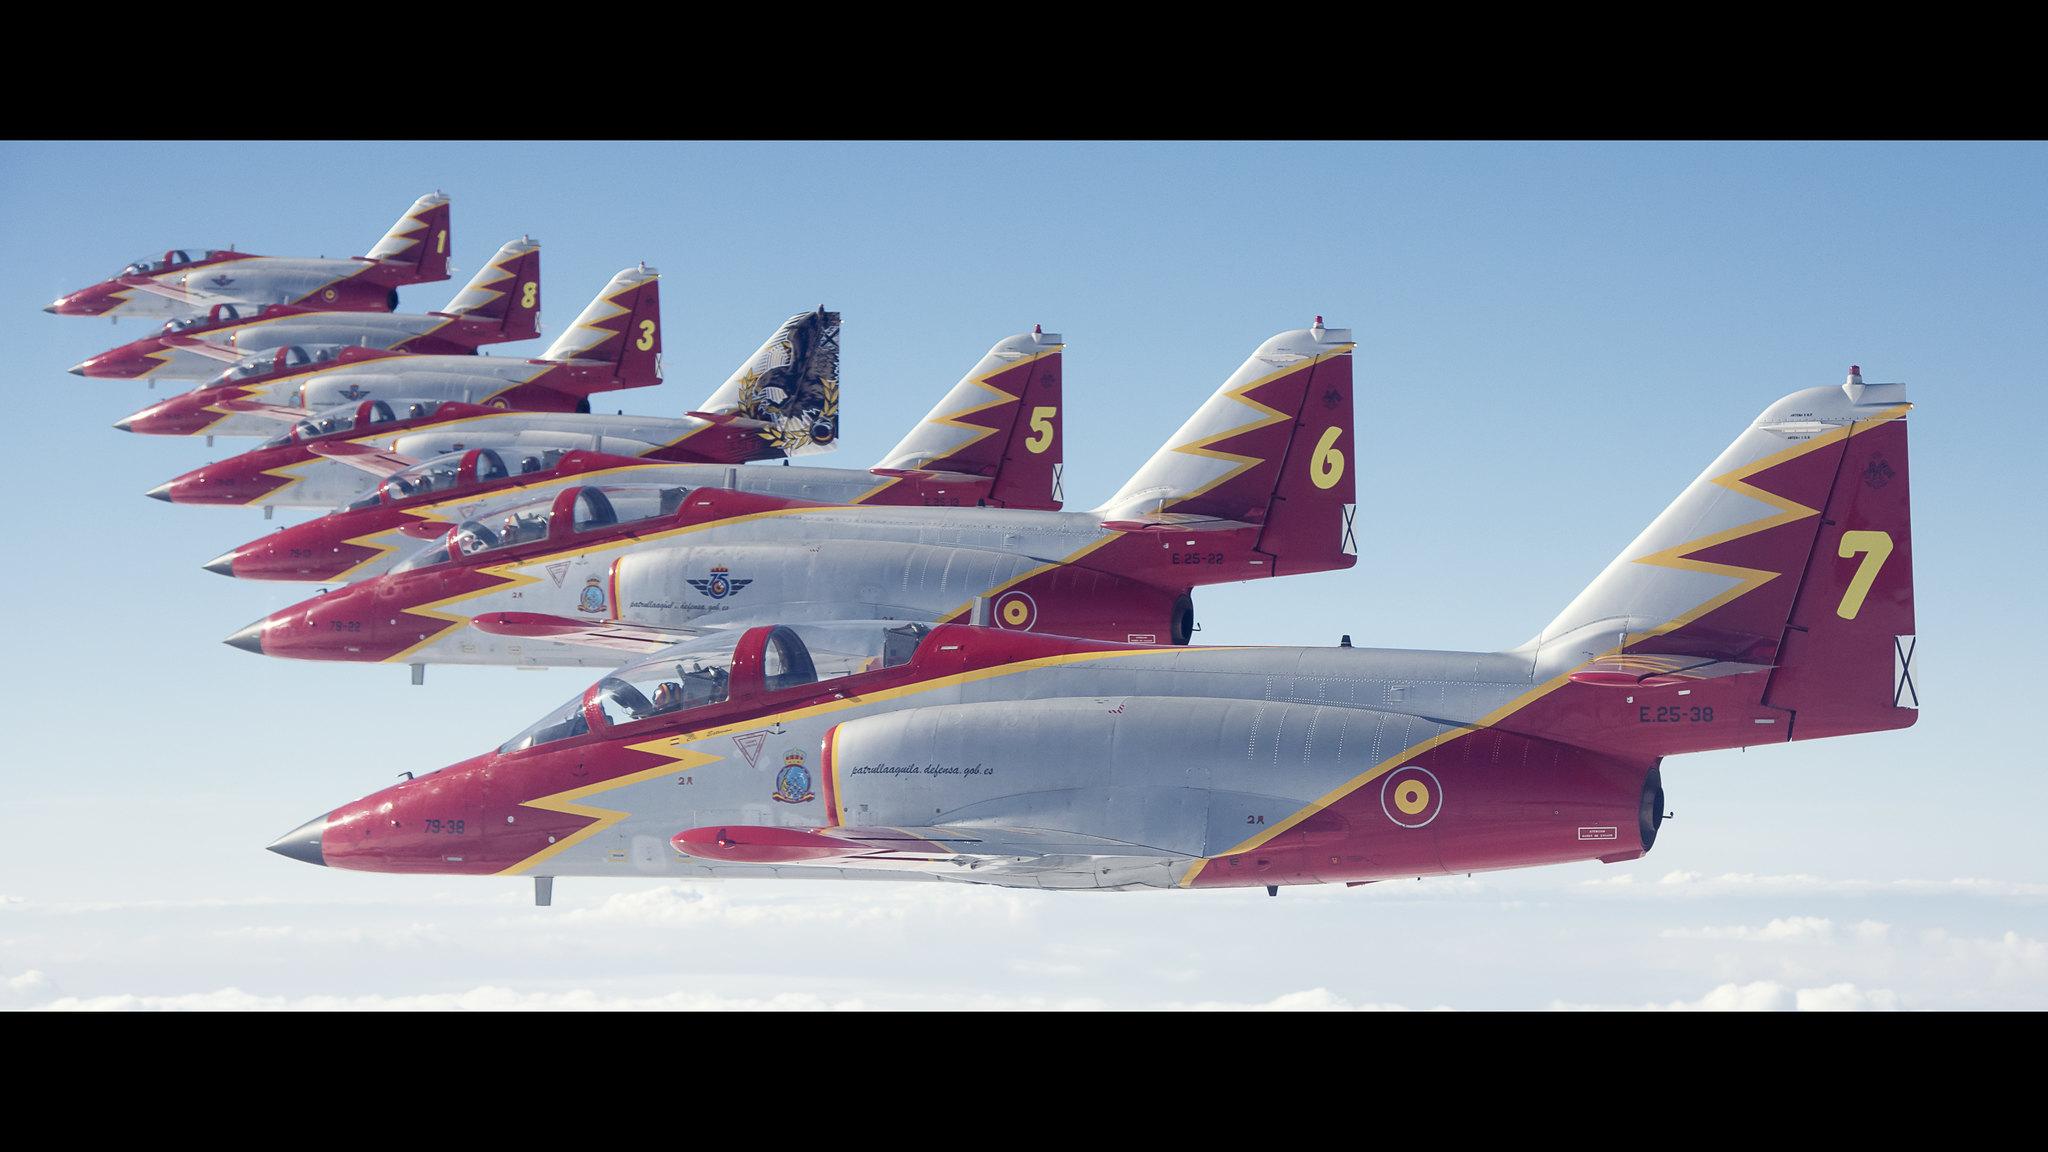 Formación de aviones Casa C-101 -Aviojet- en vuelo